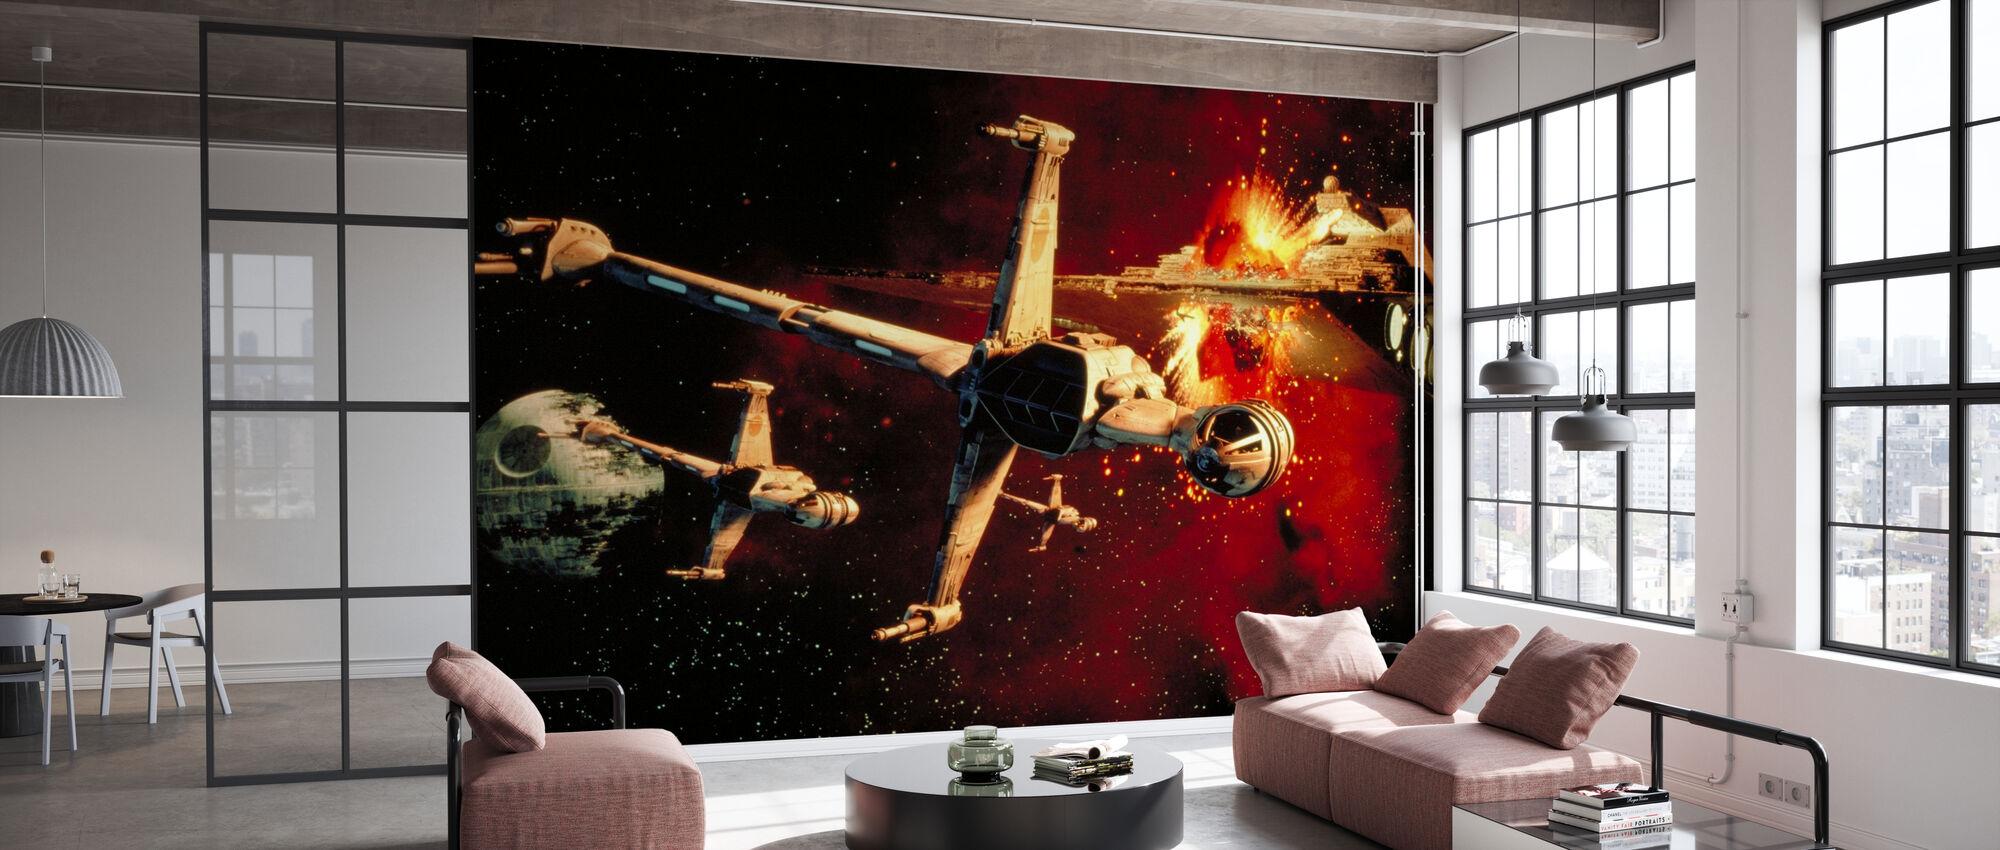 Star Wars - B-vinge Fighters - Tapet - Kontor